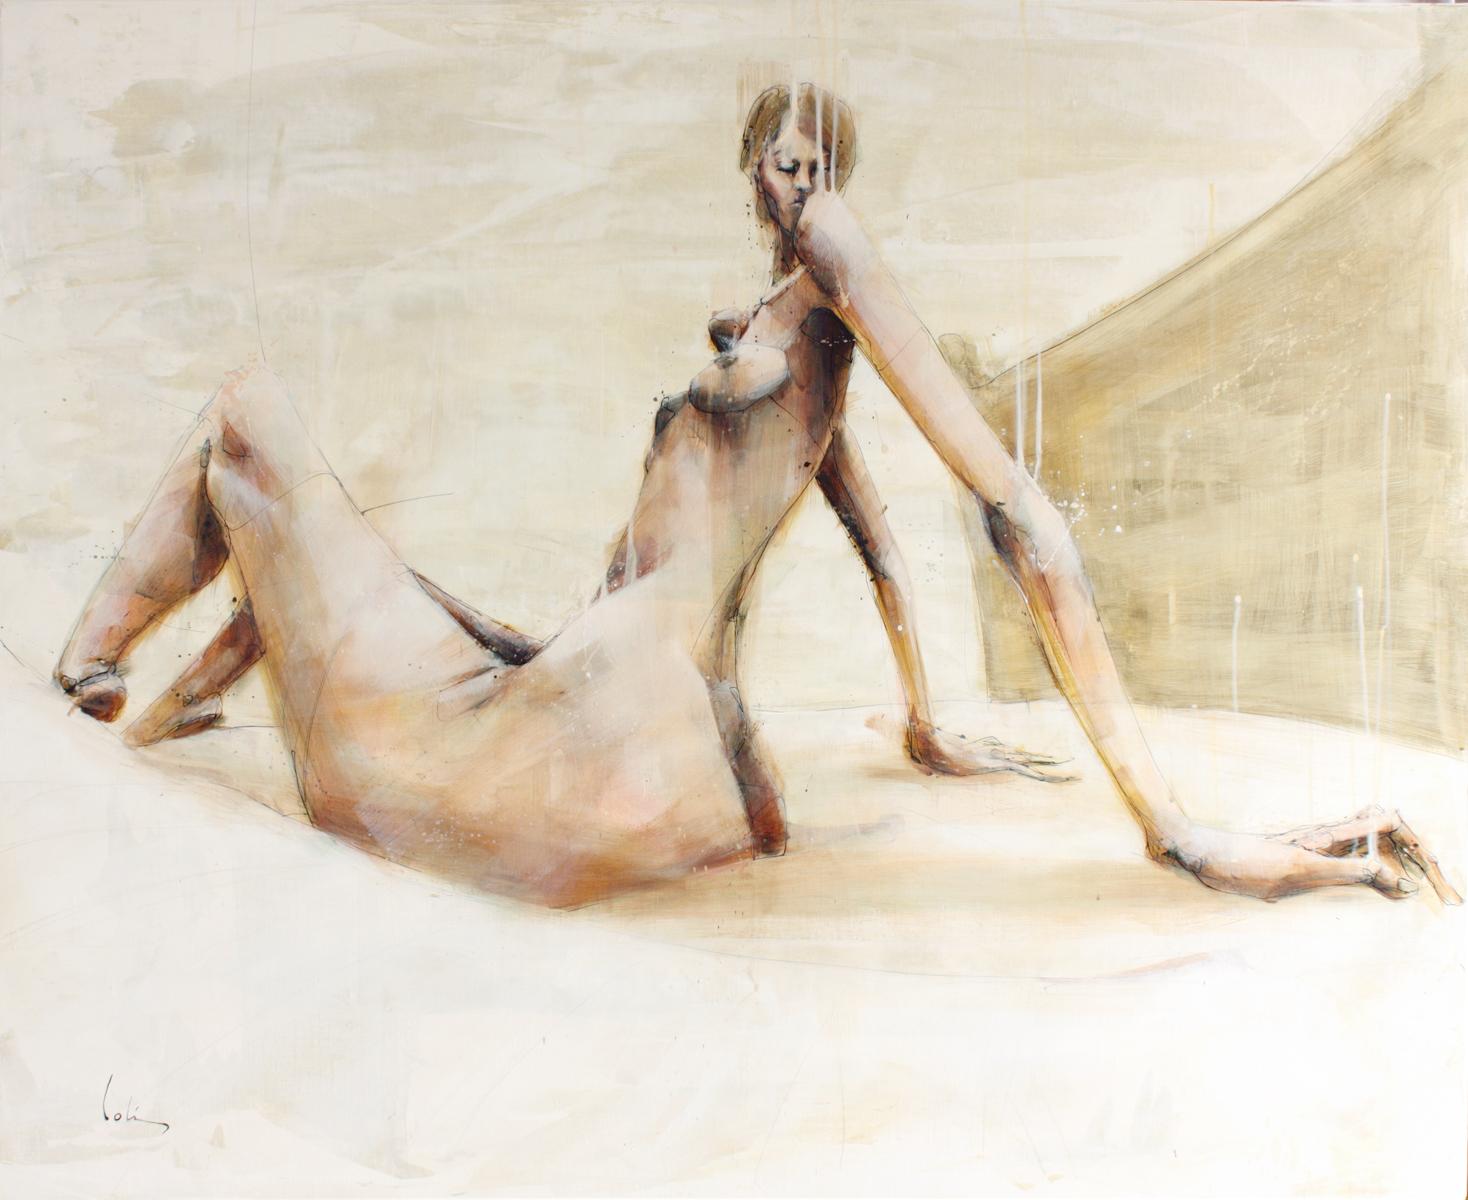 la_chambre - Antoine Colin - Artiste peintre